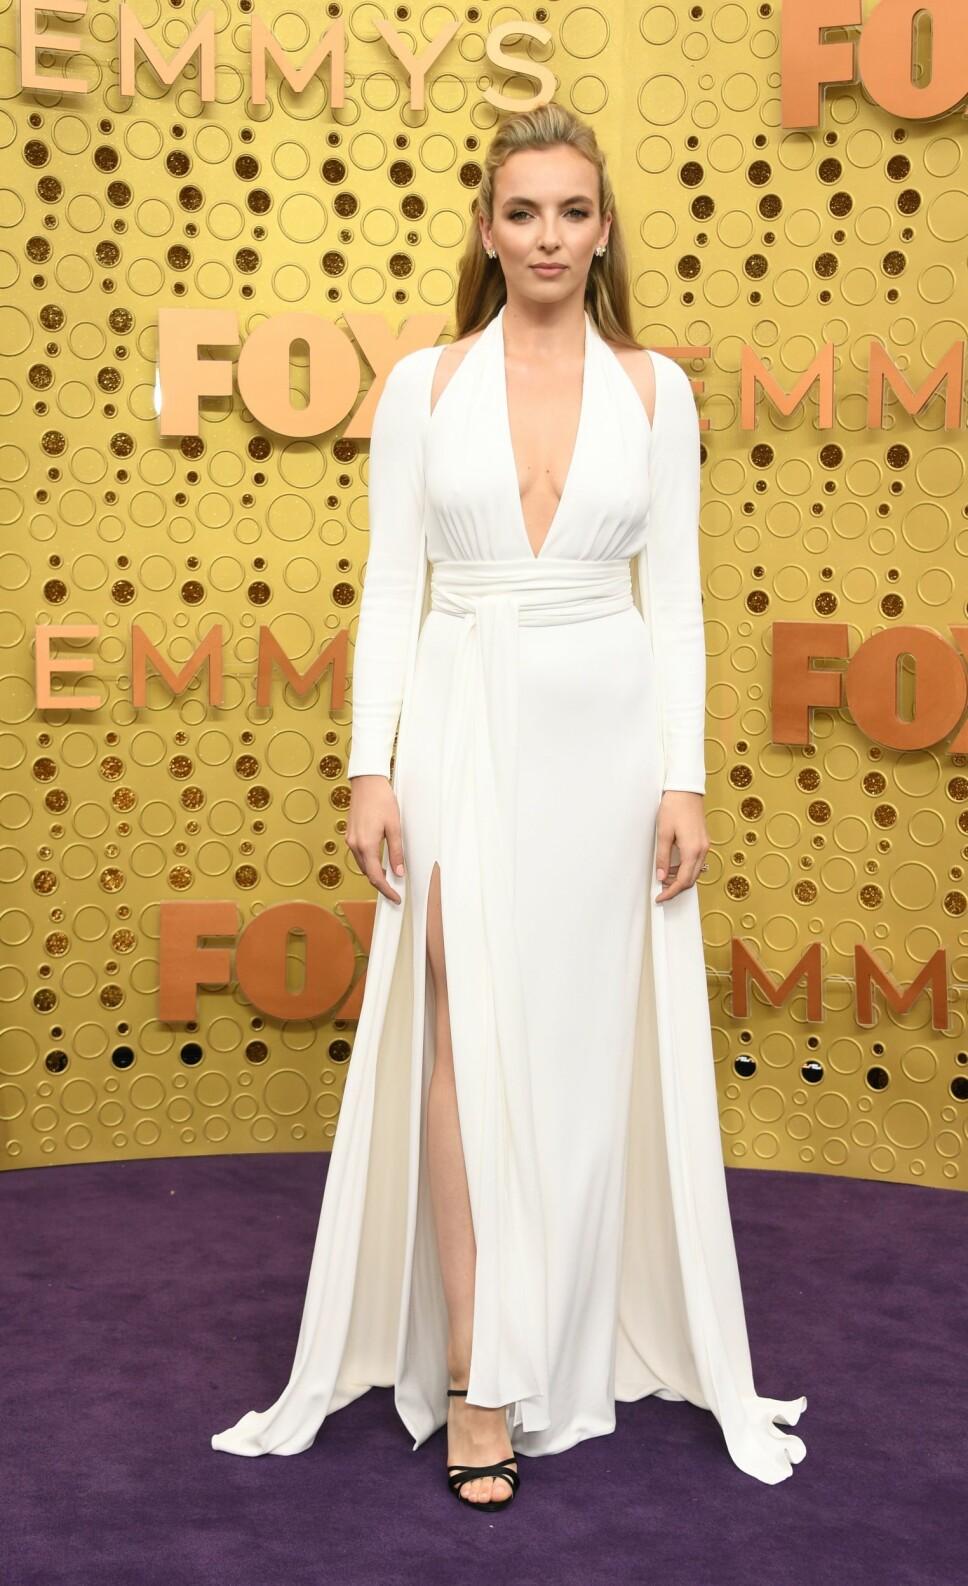 VAKKER I HVITT: «Killing Eve»-stjerne Jodie Comer var slående vakker i en hvit kjole med dyp utrigning fra Tom Ford. Comer vant også pris for rollen sin som Villanelle i den populære serien.